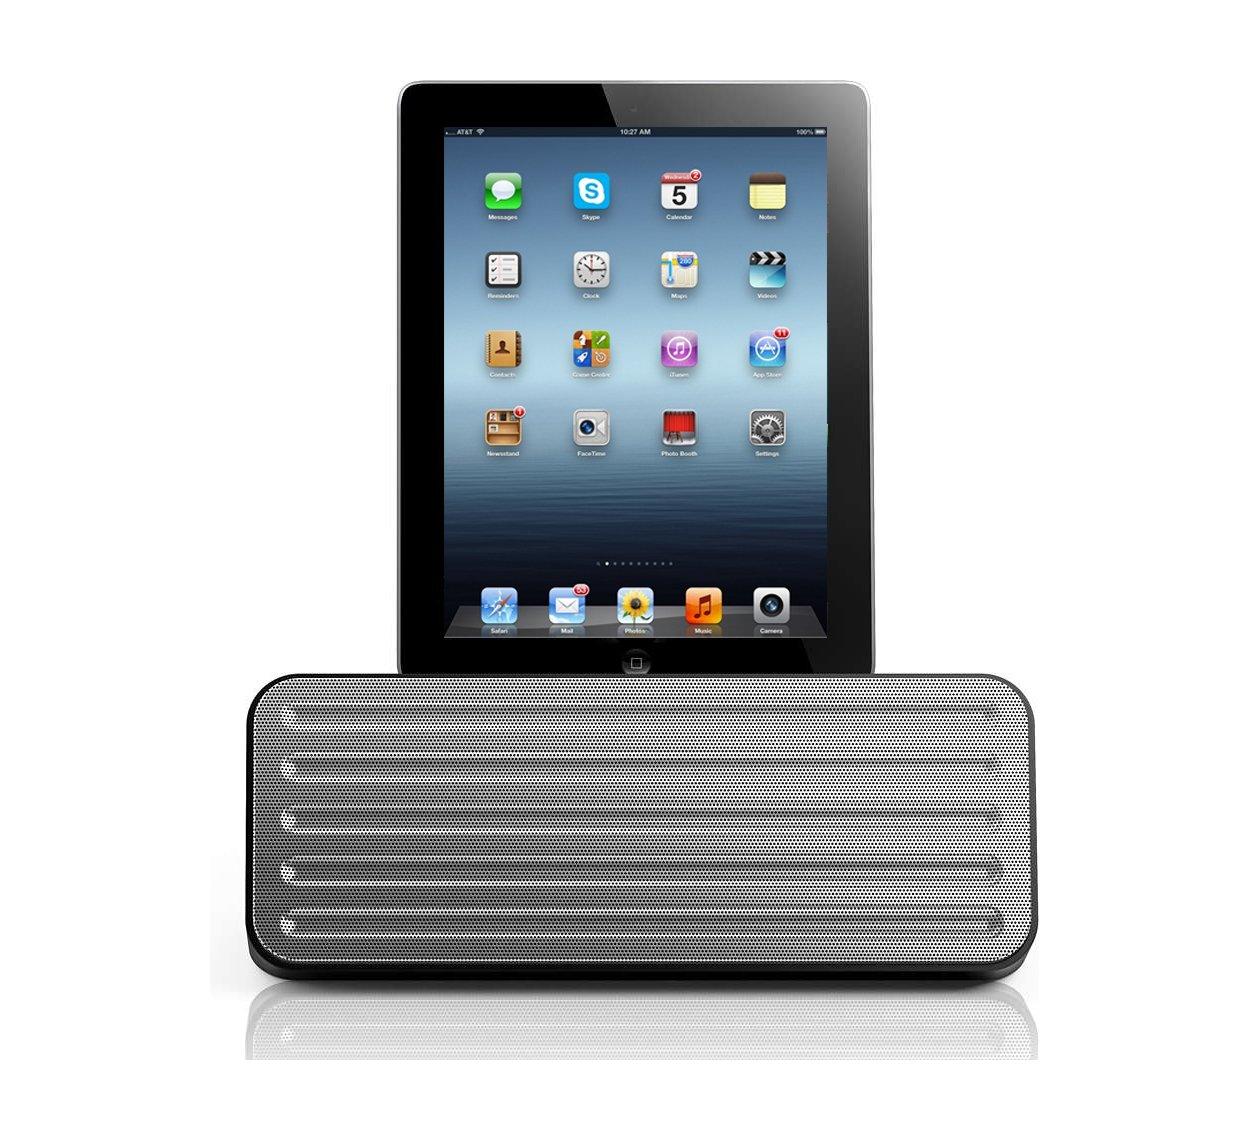 Philips iPhone 4 4S 3 iPad 2 3 iPod Speaker Dock: Amazon.co.uk ...